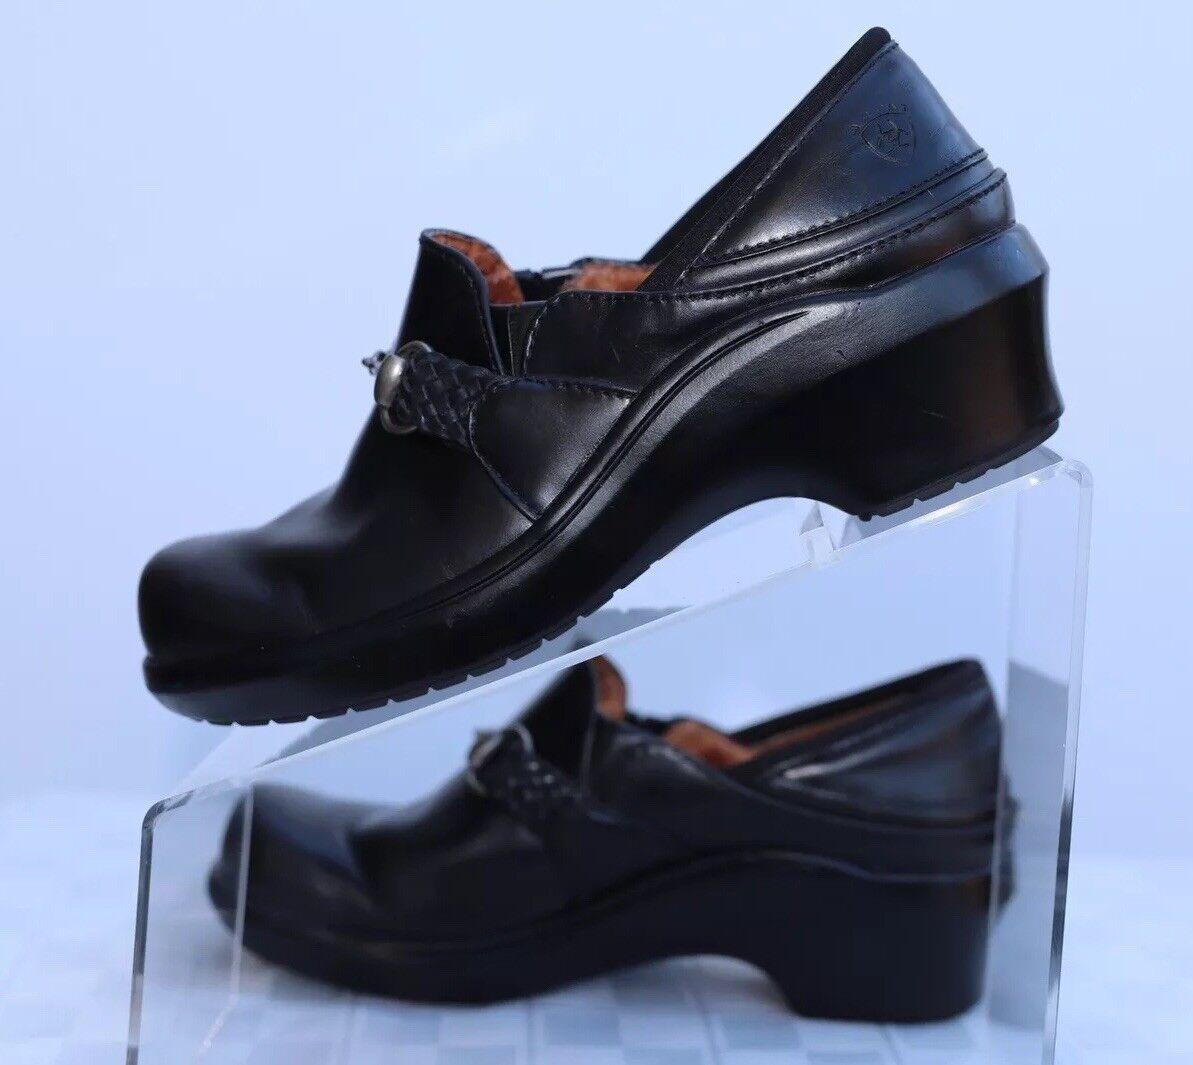 Ariat Santa Cruz pour femme en cuir noir cheval BIT Sabots Mule Chaussures Taille 6.5B